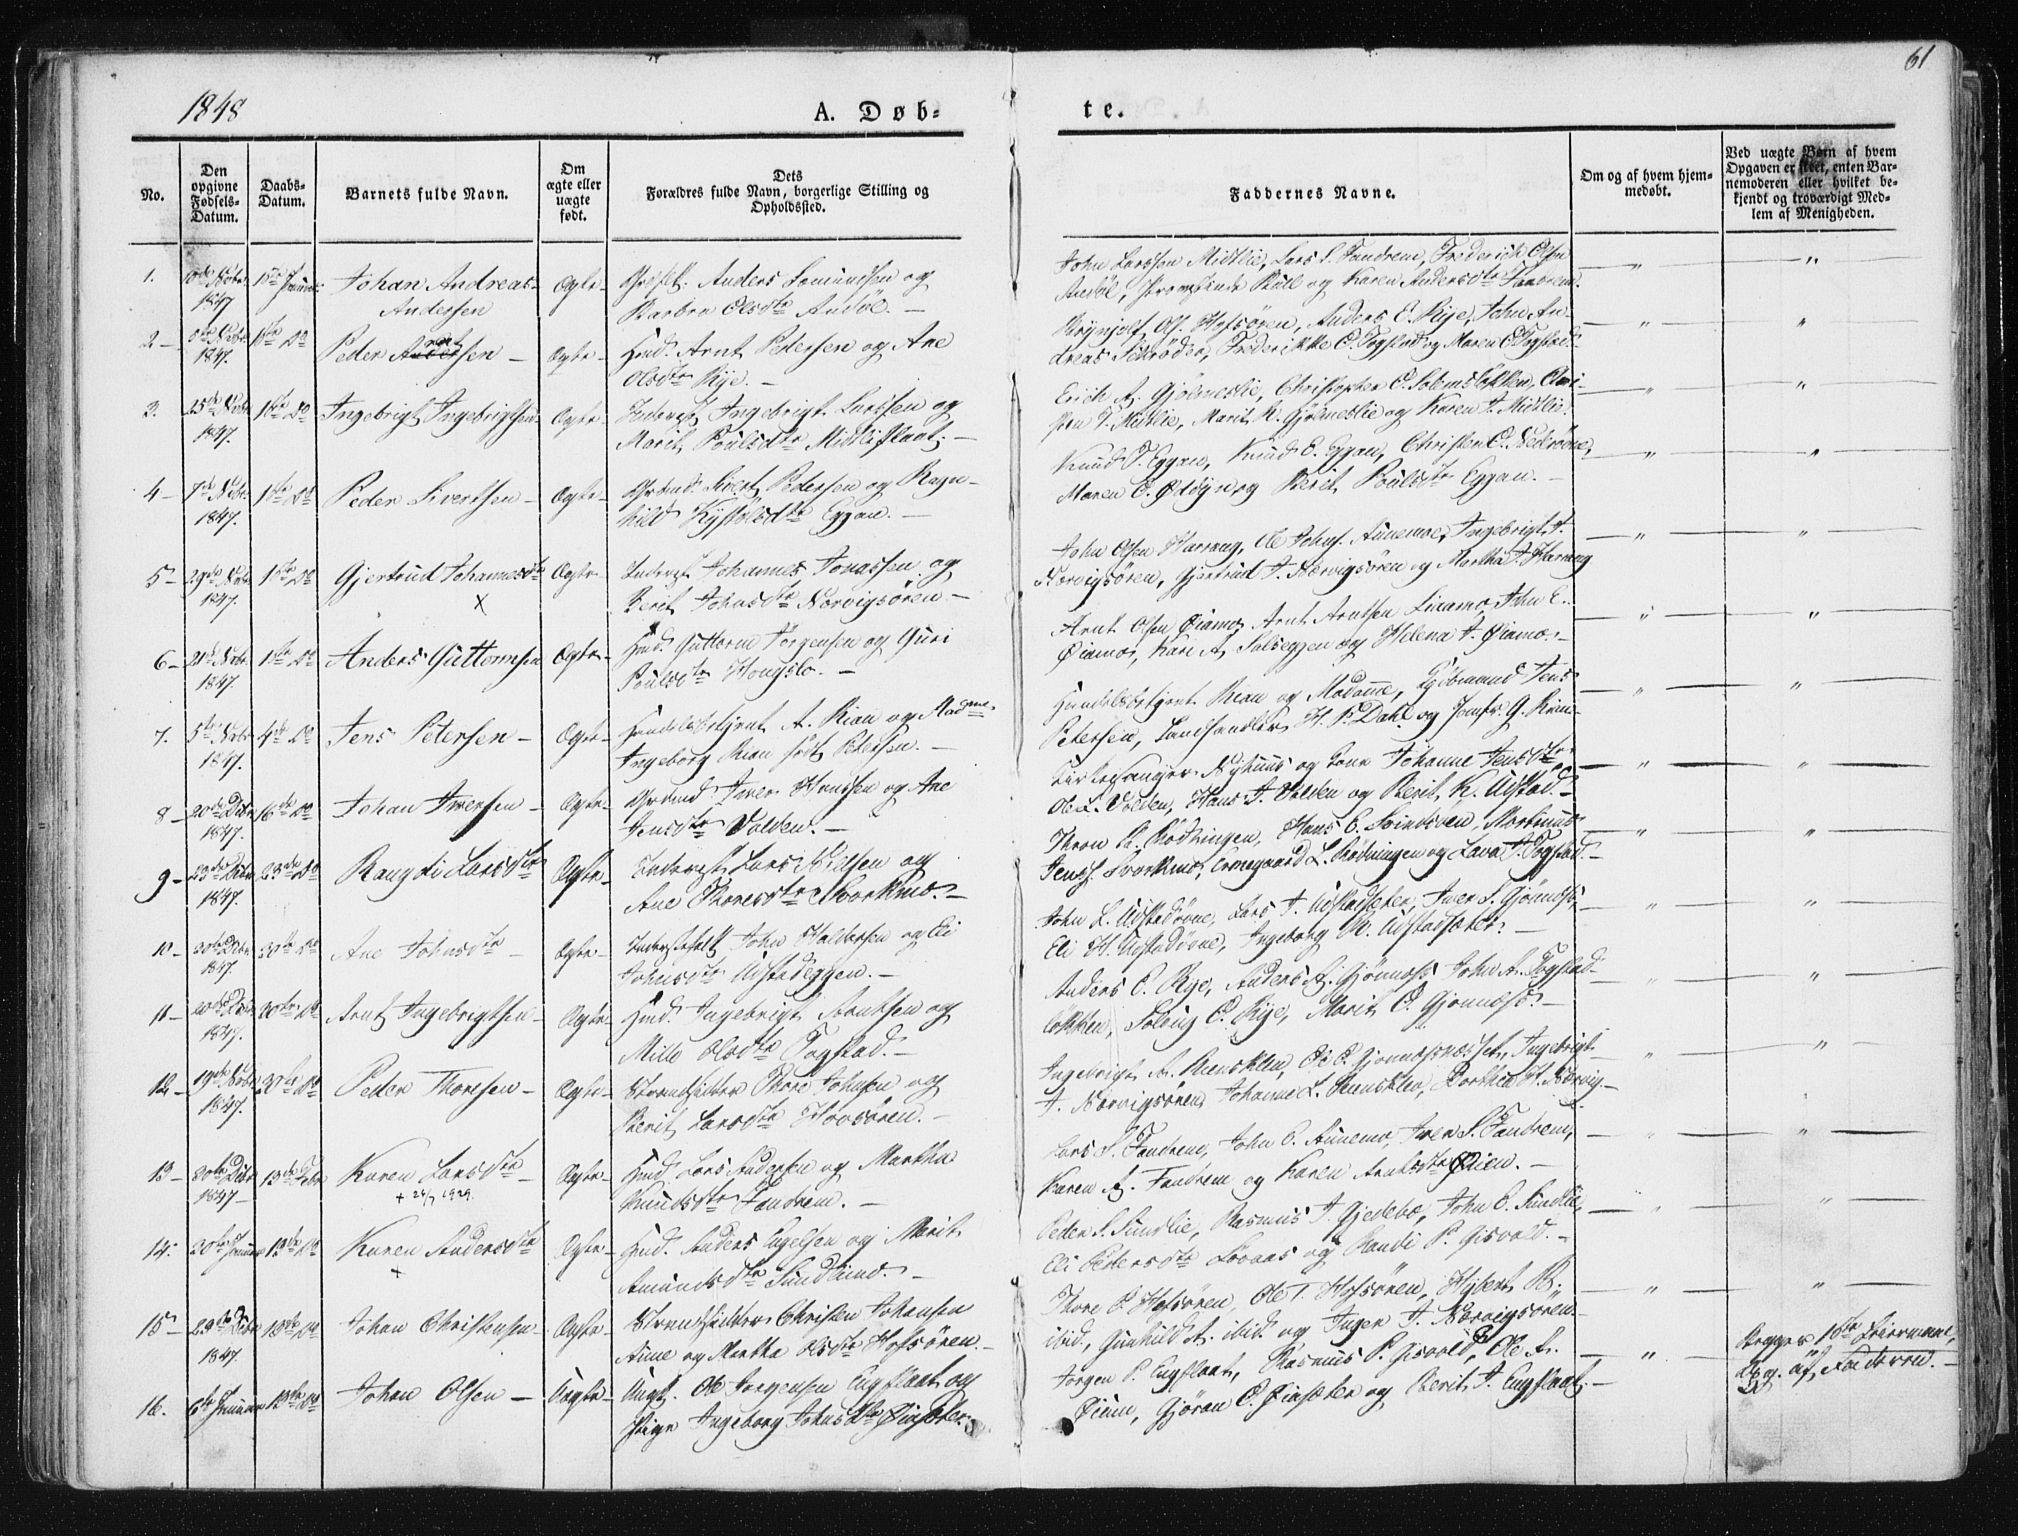 SAT, Ministerialprotokoller, klokkerbøker og fødselsregistre - Sør-Trøndelag, 668/L0805: Ministerialbok nr. 668A05, 1840-1853, s. 61